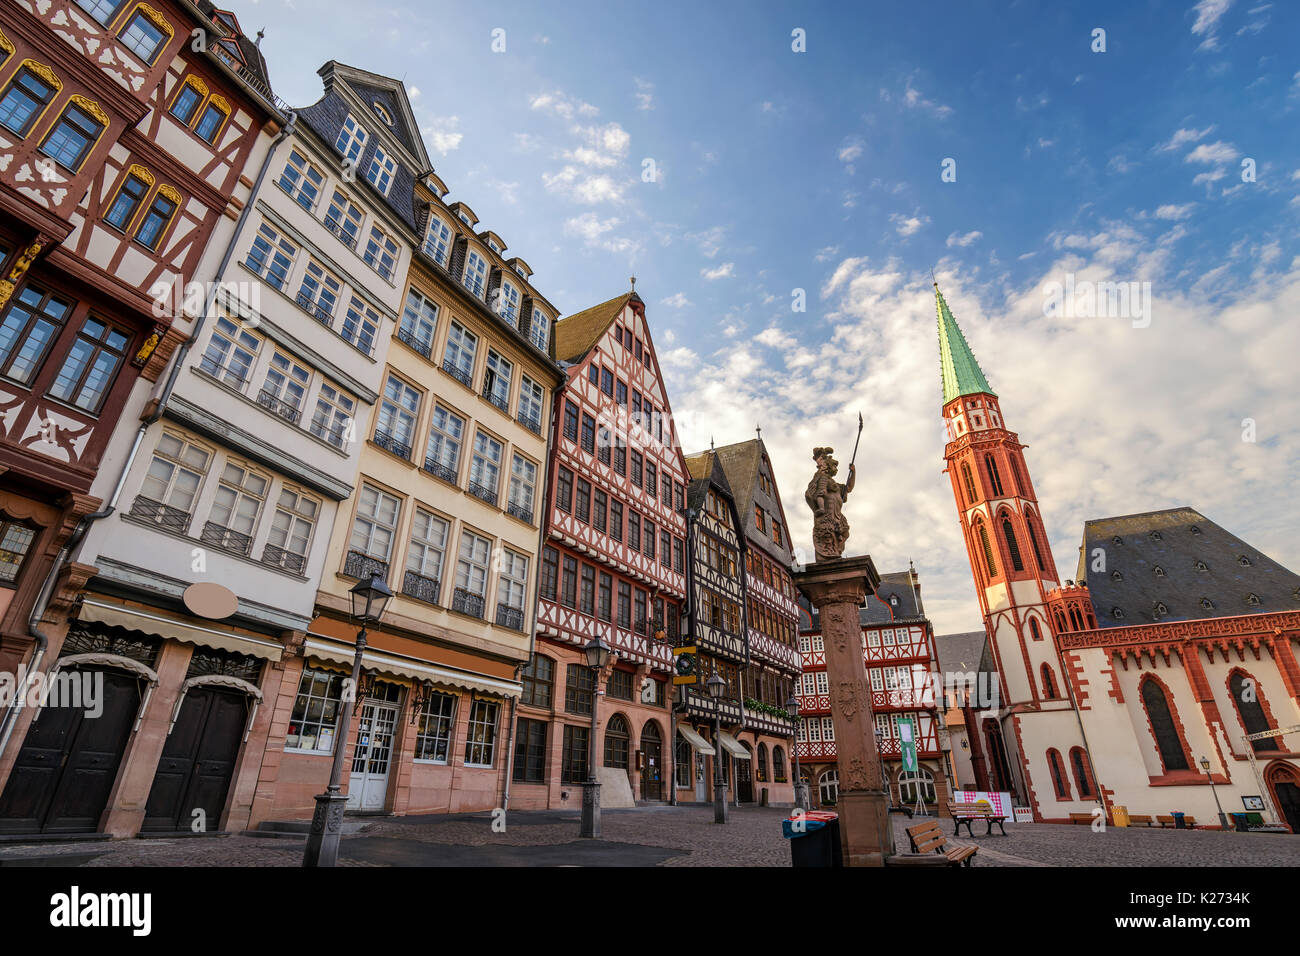 Römer (Rathaus der Stadt Frankfurt), Frankfurt am Main, Deutschland Stockbild